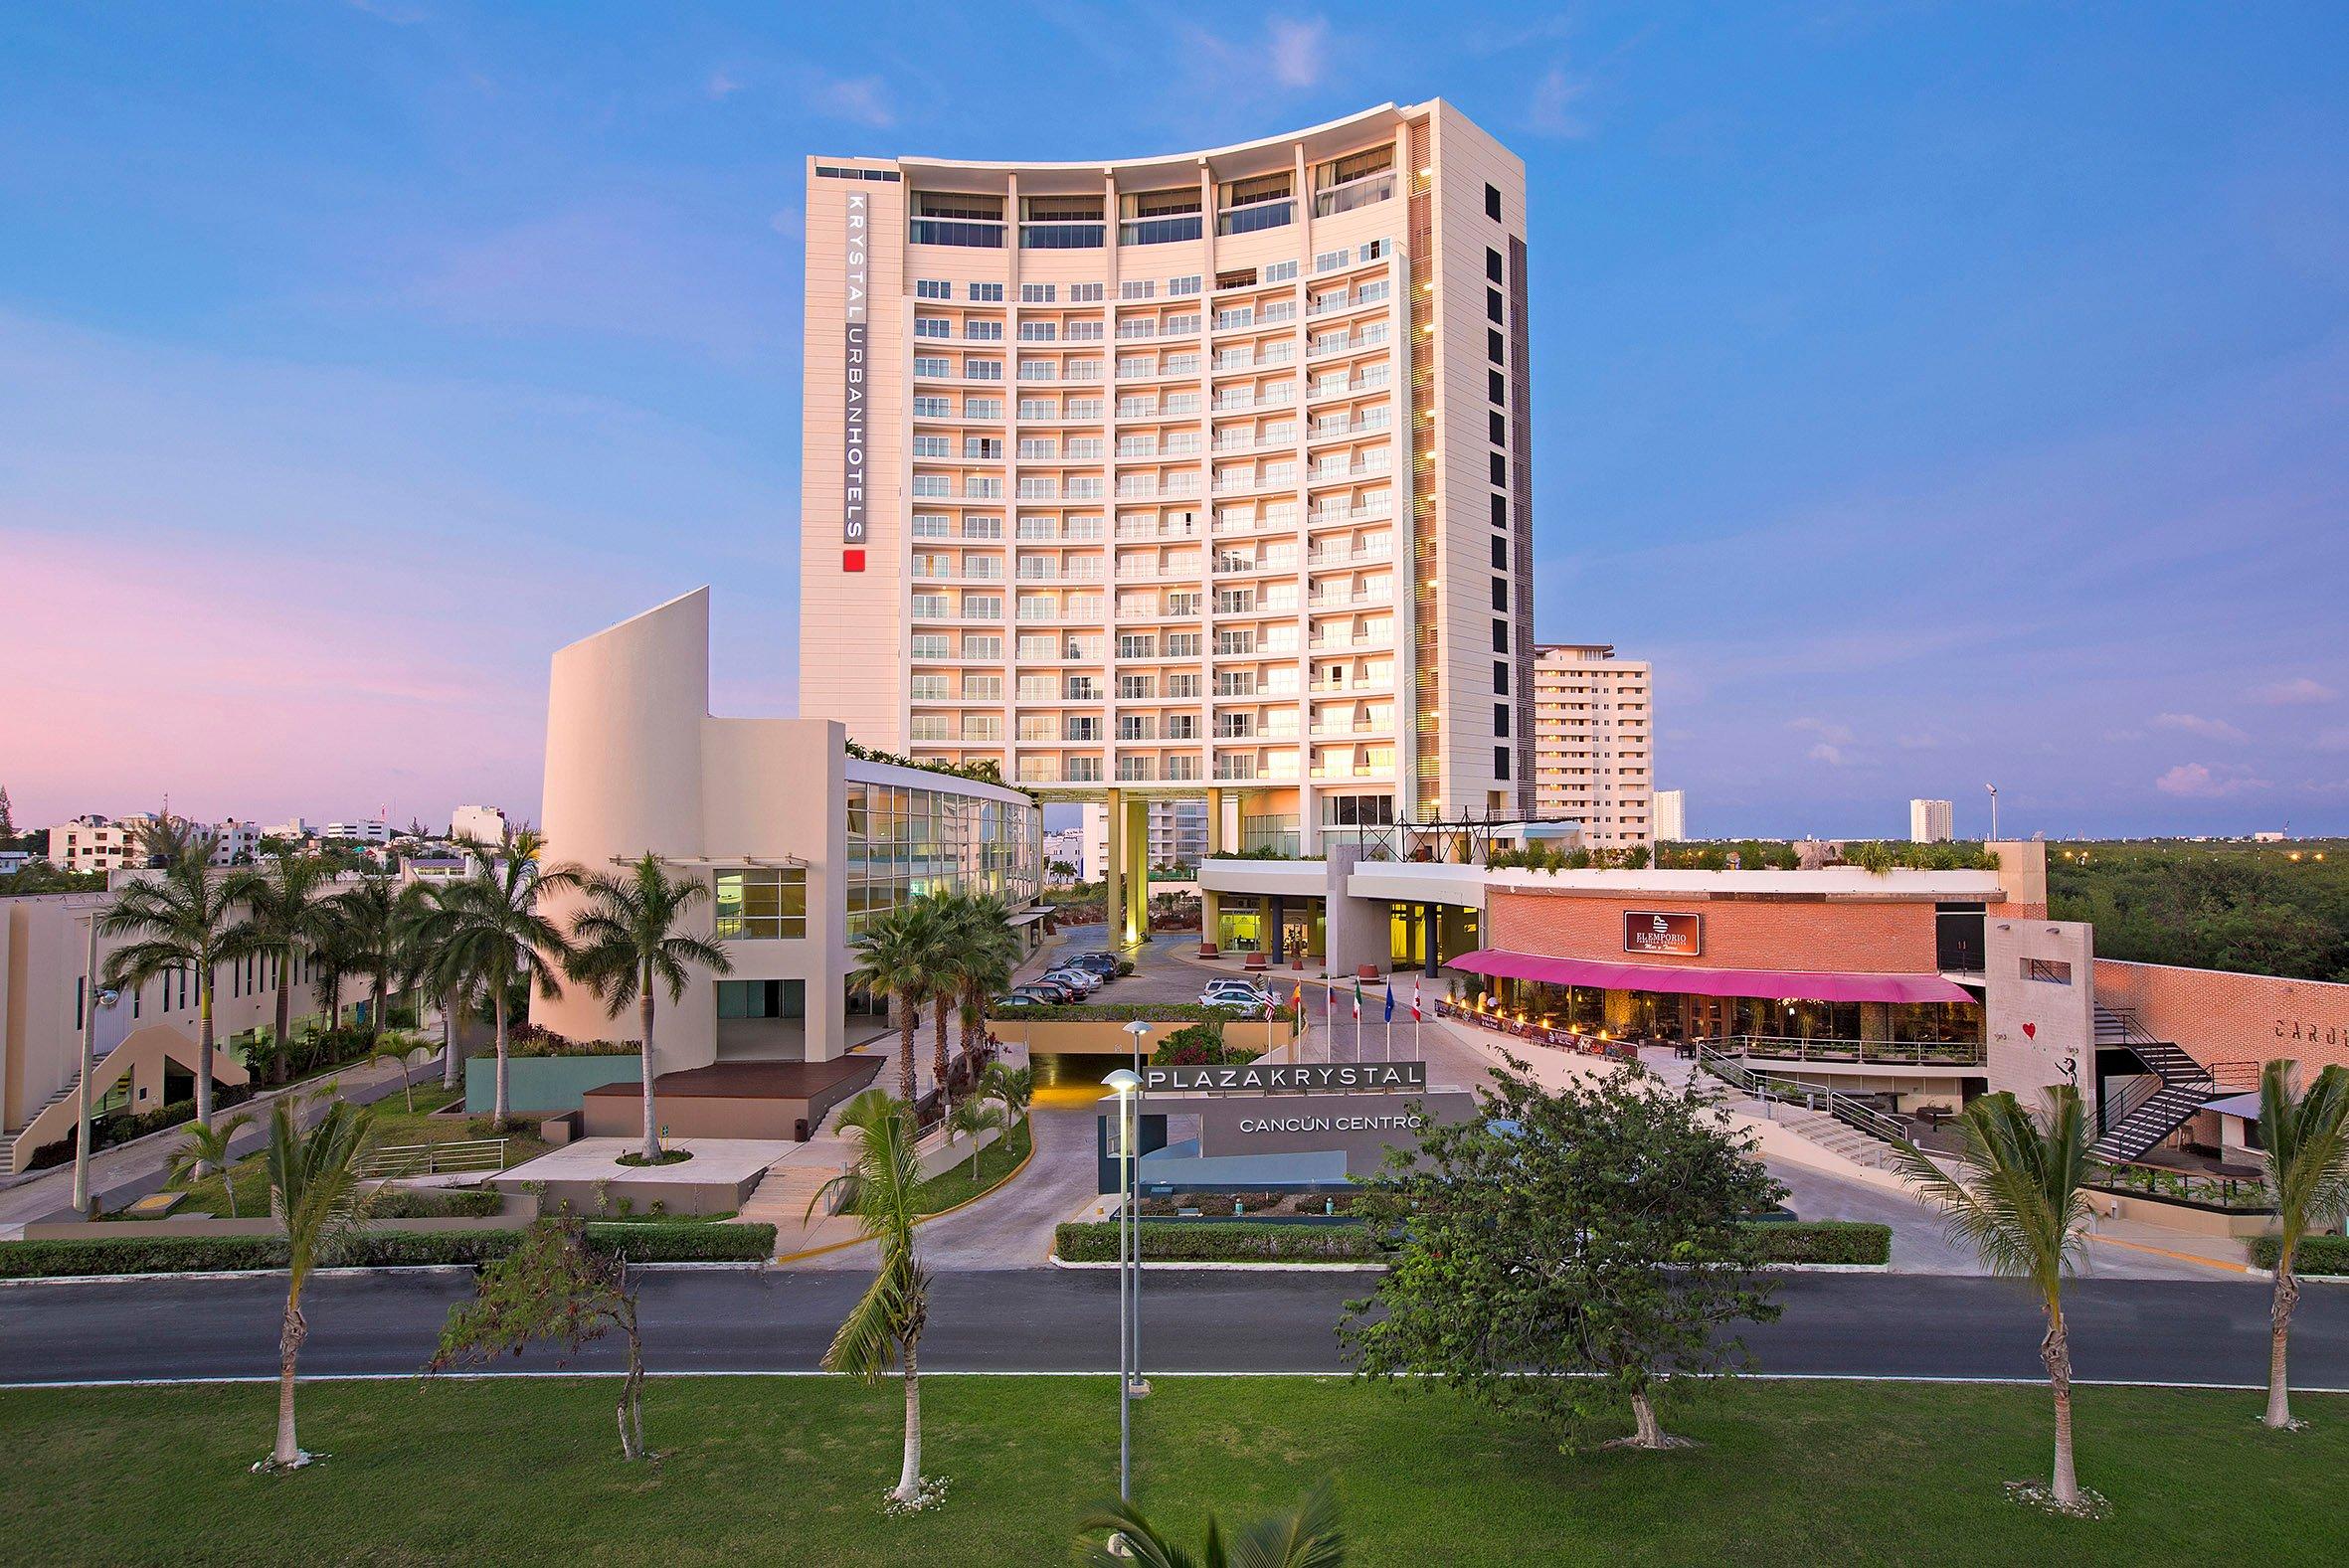 Krystal Urban Hotel